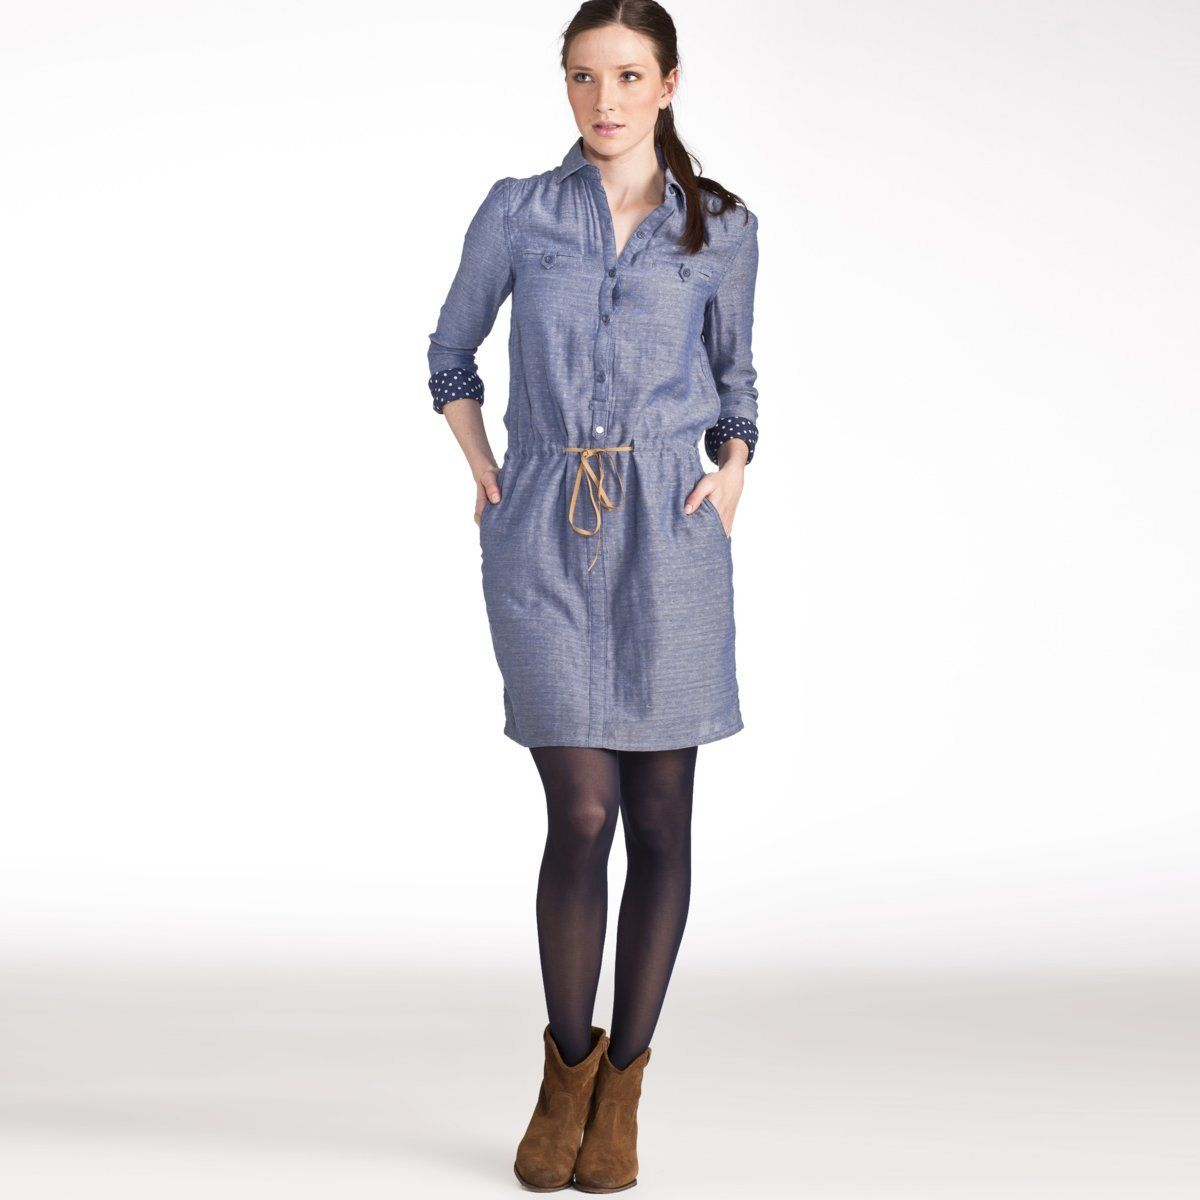 152854f4f5 Vestido camisero de chambray azul